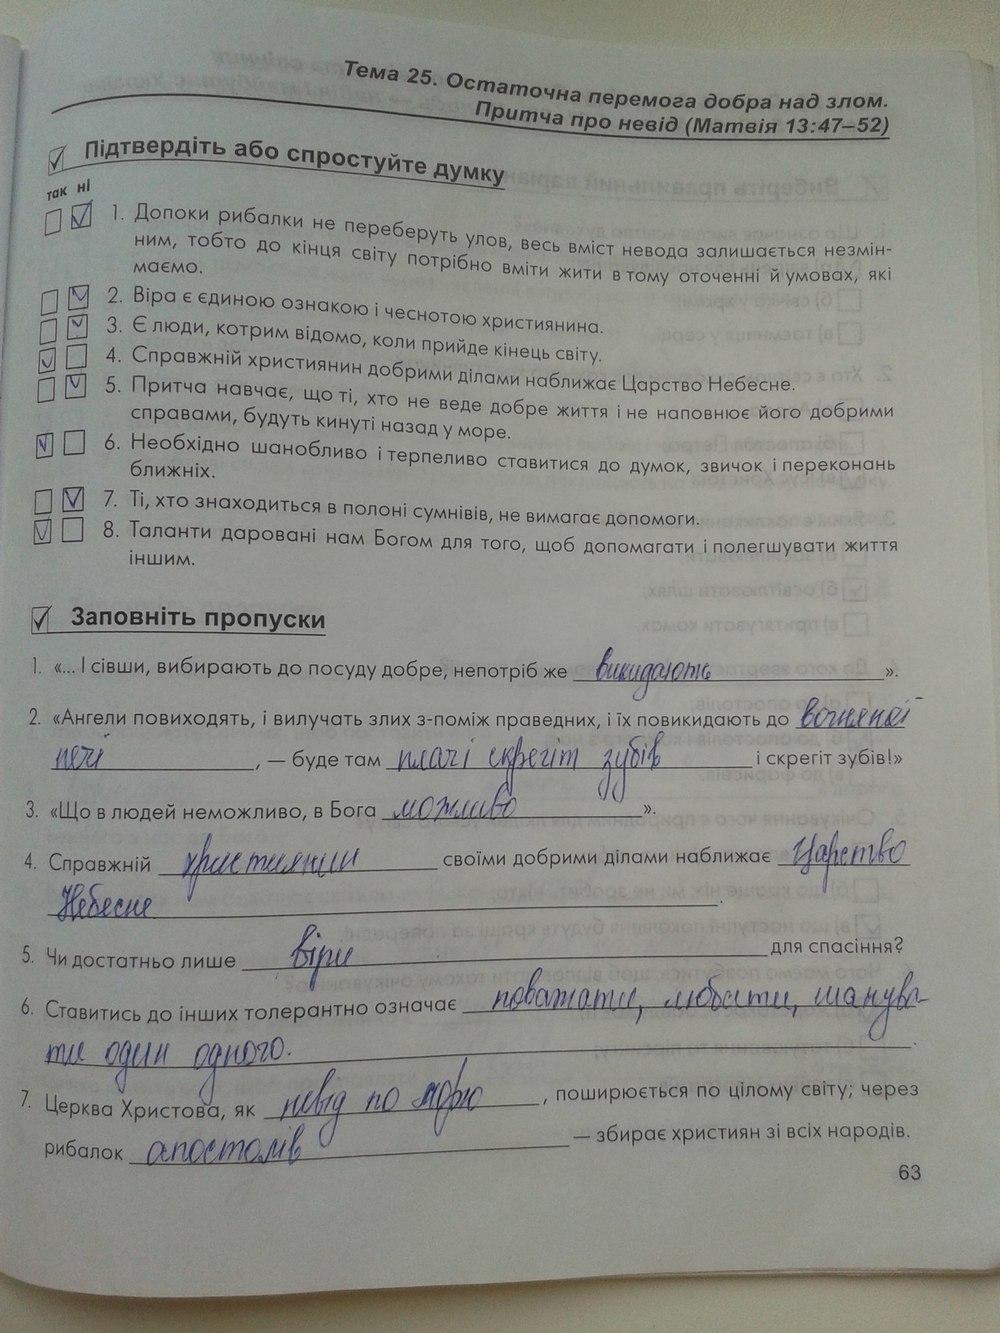 ГДЗ відповіді робочий зошит по этике 6 класс Г.О. Кізілова. Задание: стр. 63